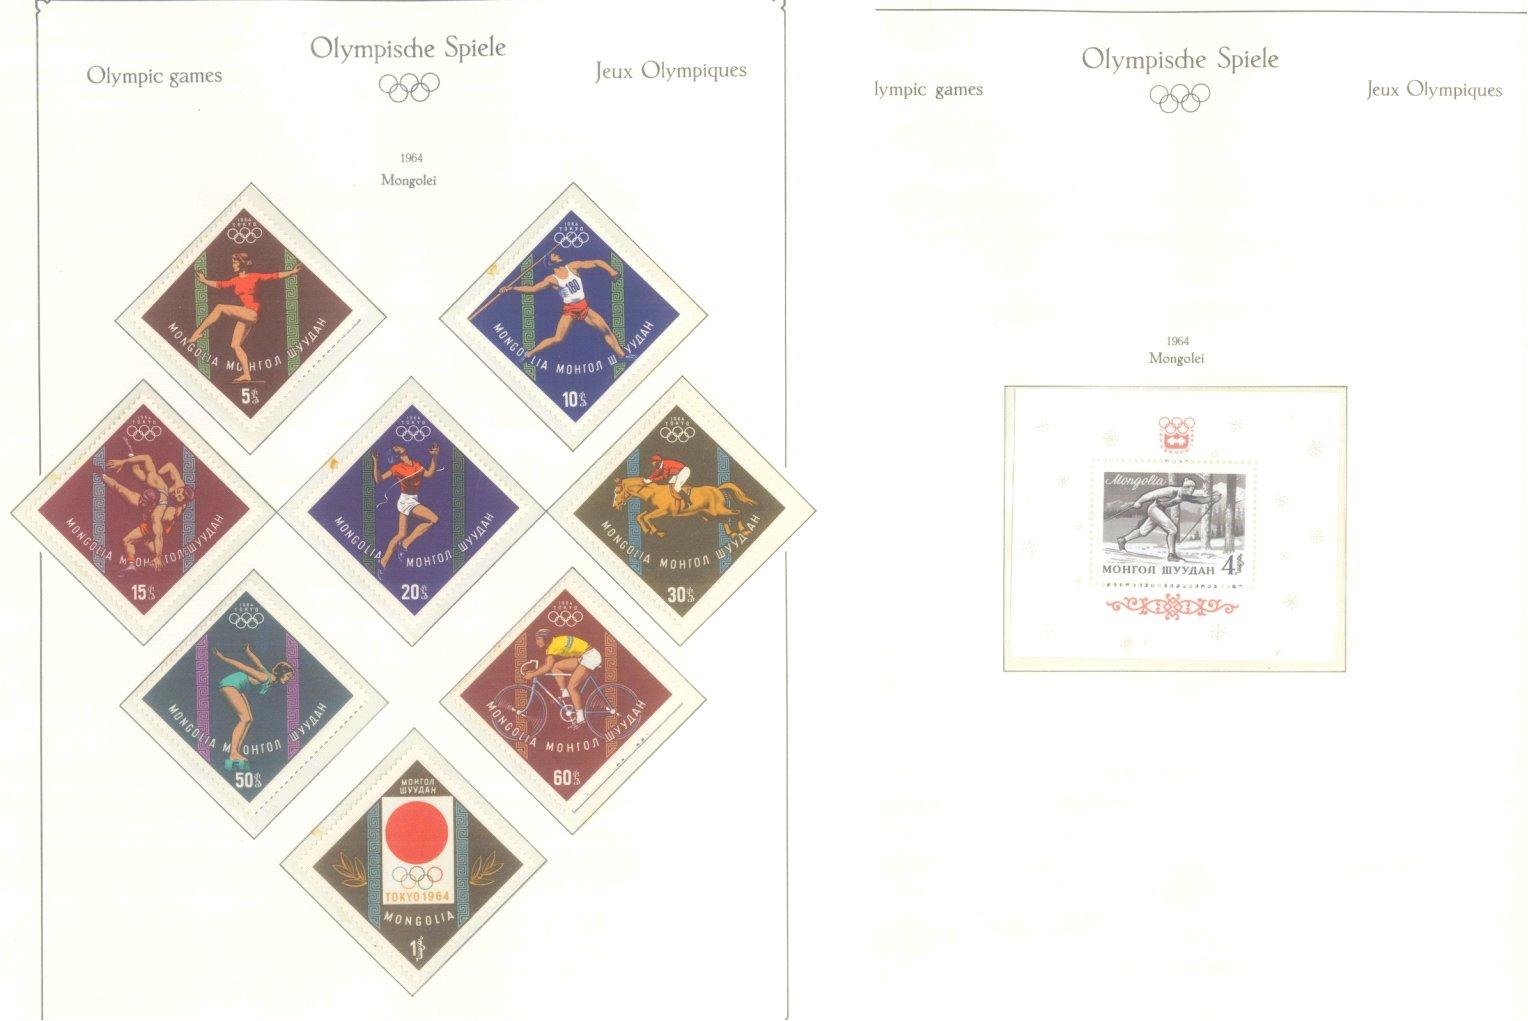 OLYMPISCHE SPIELE 1964 TOKIO, postfrische Sammlung Teil 1-47